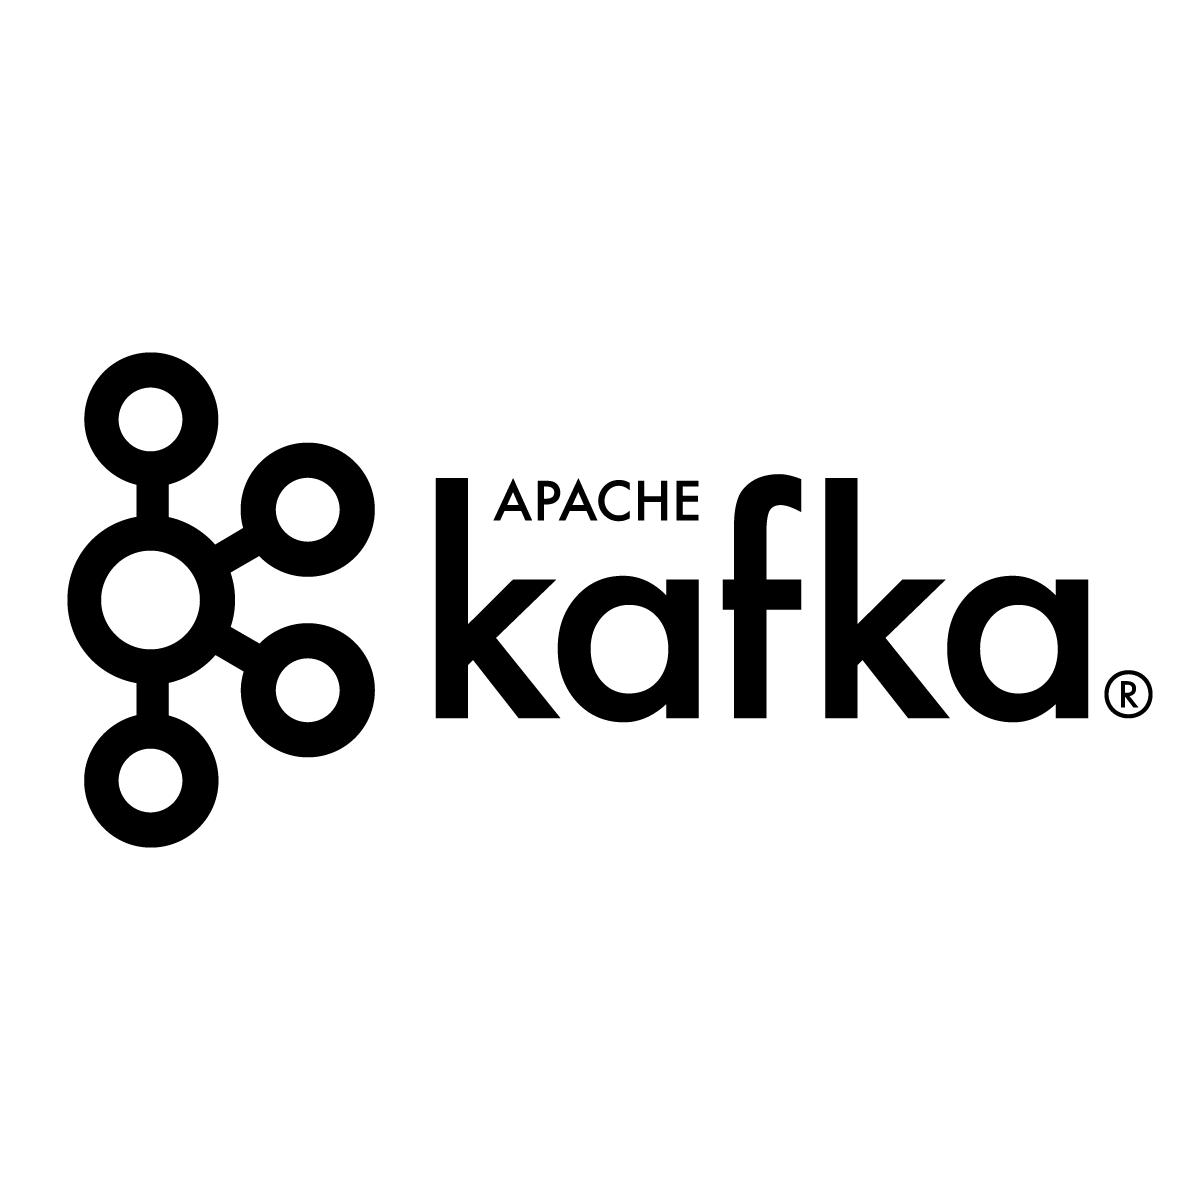 Hướng dẫn cách cài đặt Apache Kafka trên Ubuntu 18.04